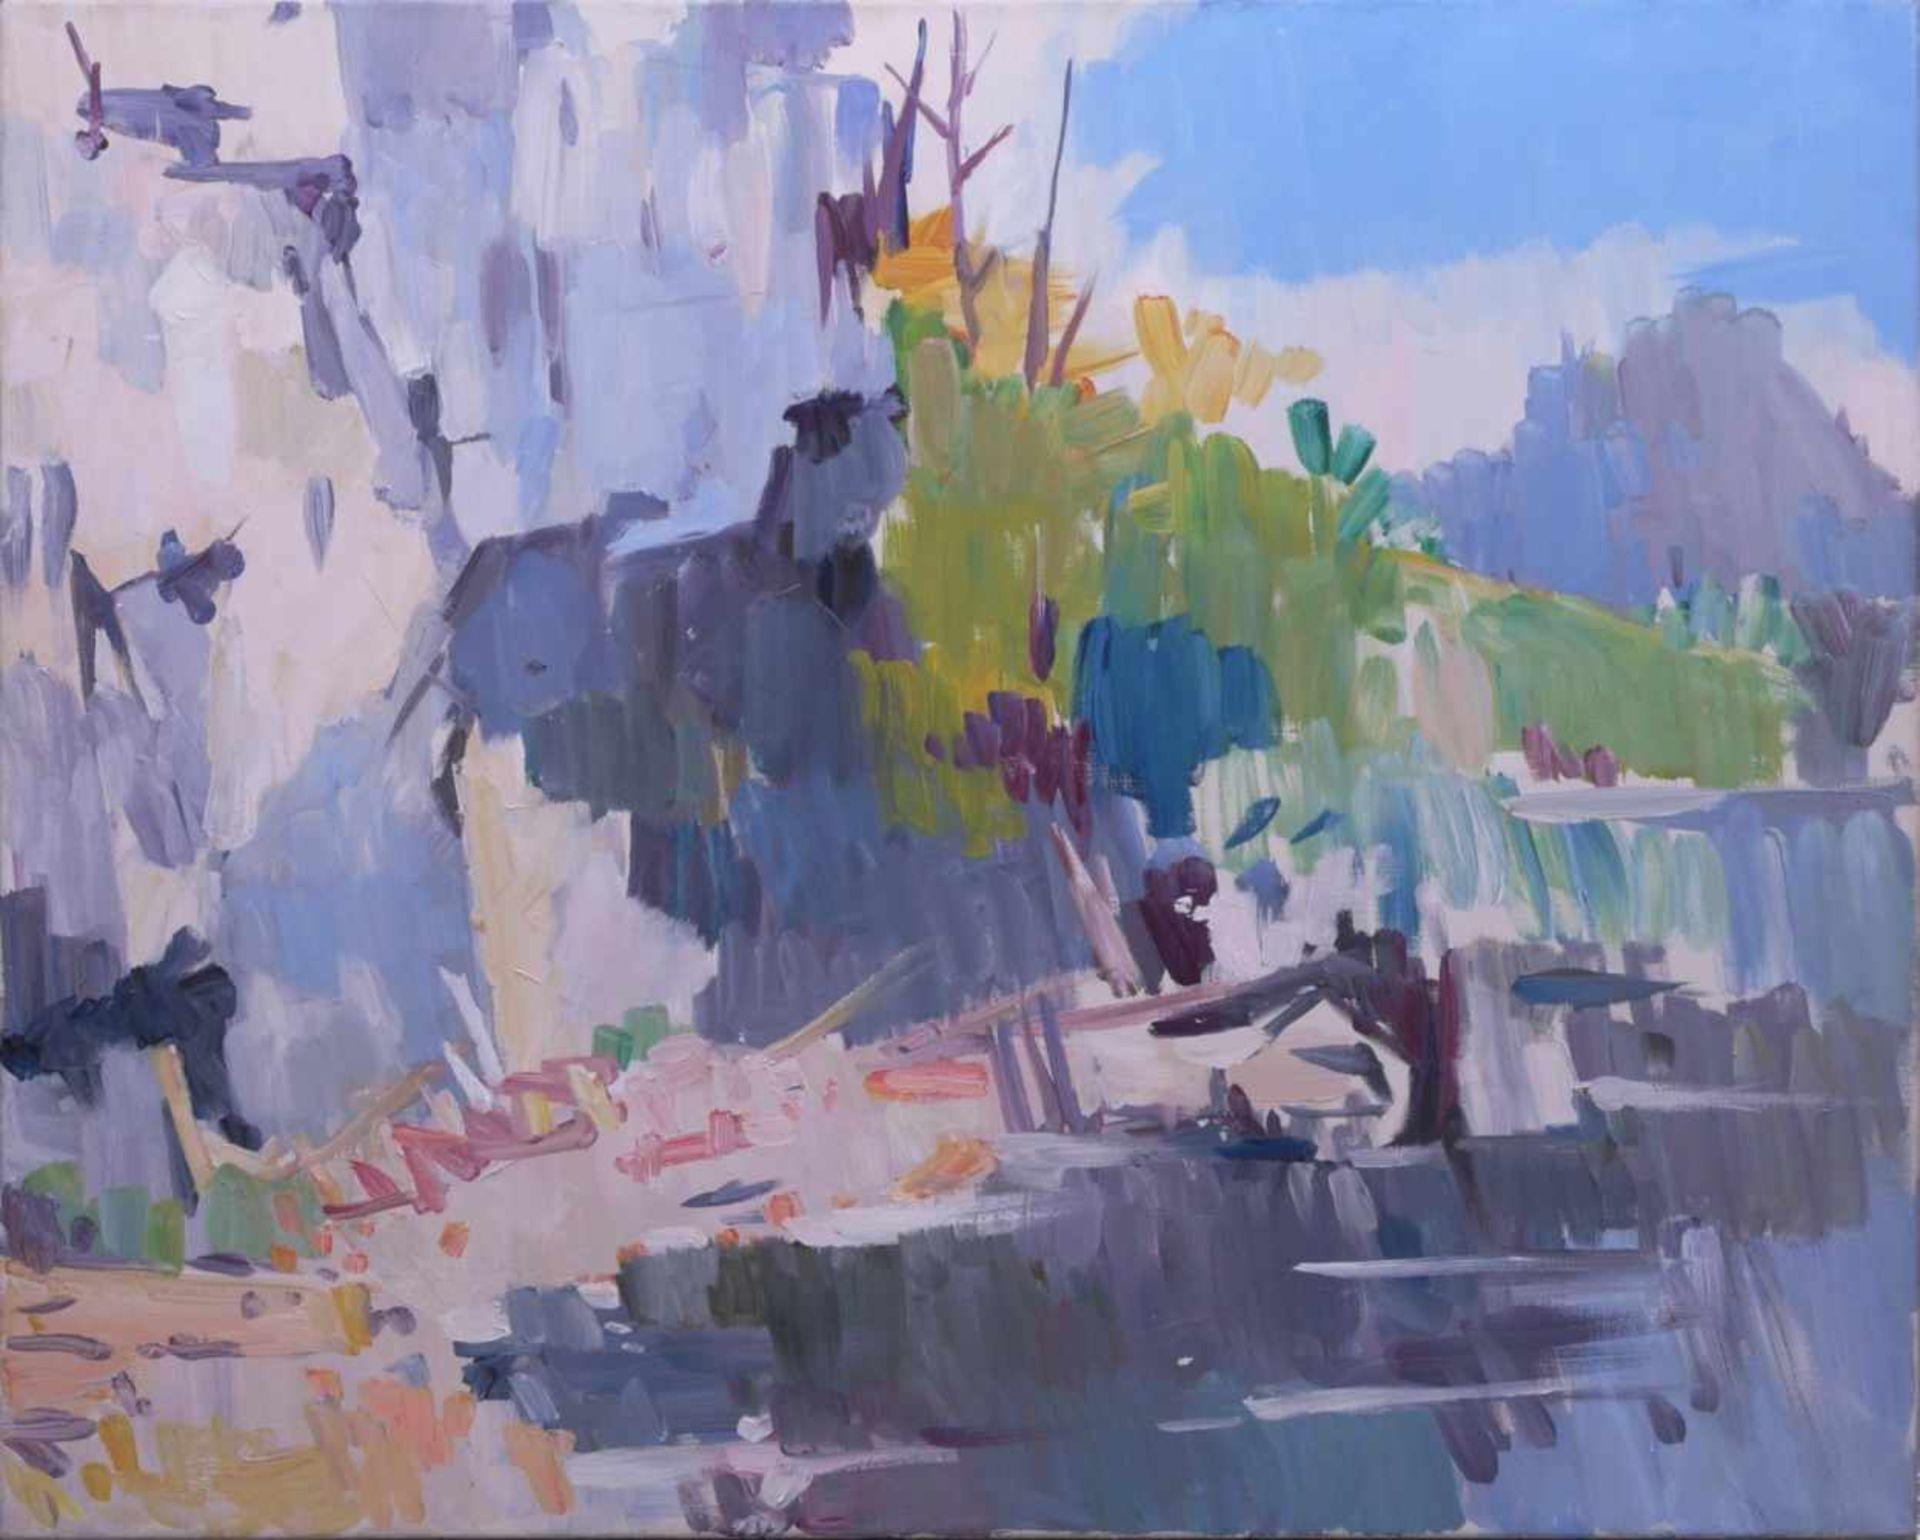 Pallas, Reinhold (1901-1970) - Meeresbucht im SonnenscheinIn schnellem, impressionistischen Stil